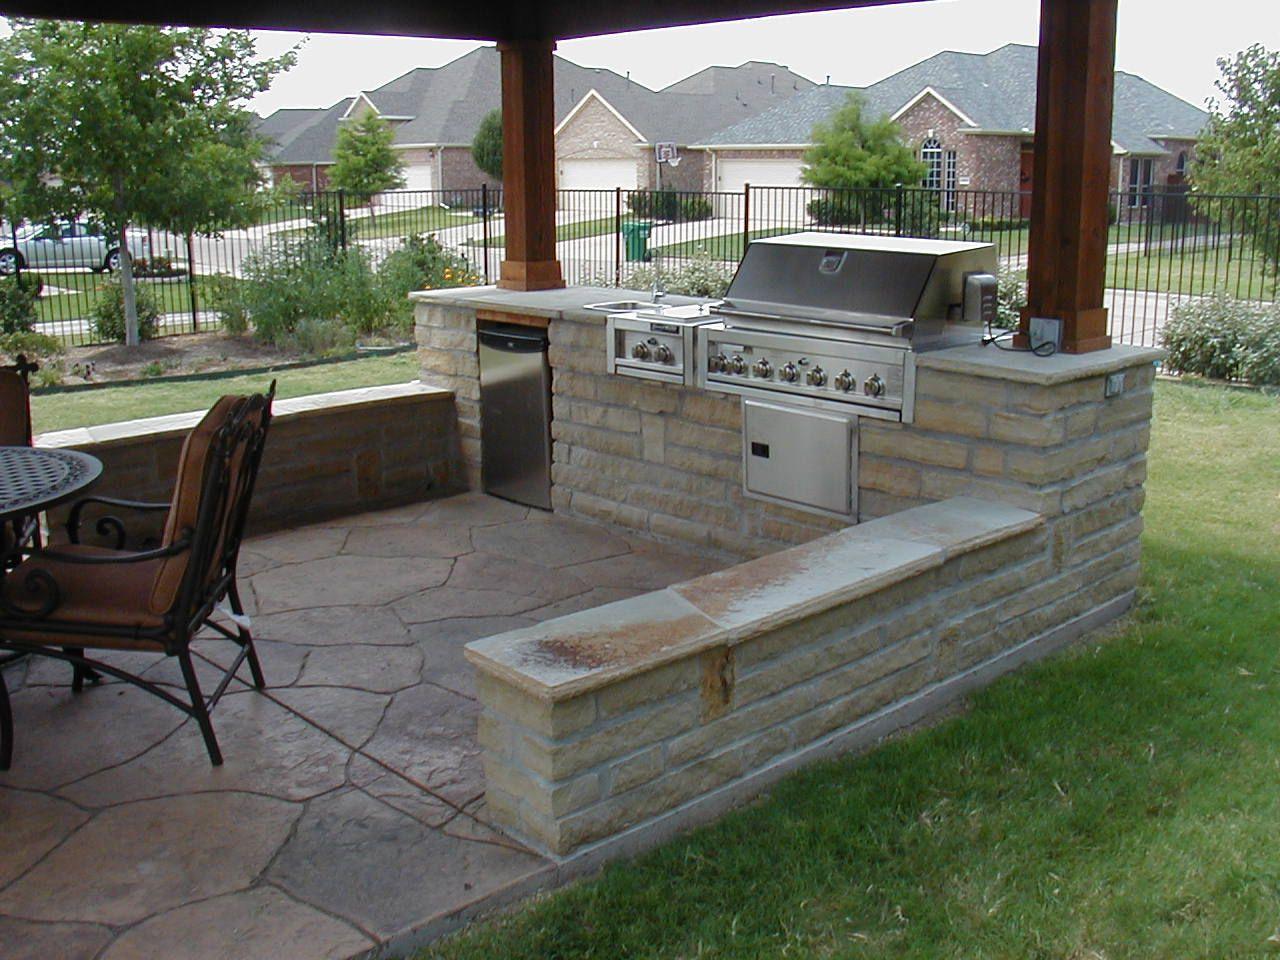 Überdachte Outdoor Küche Designs | Küche | Pinterest | Küchen design ...